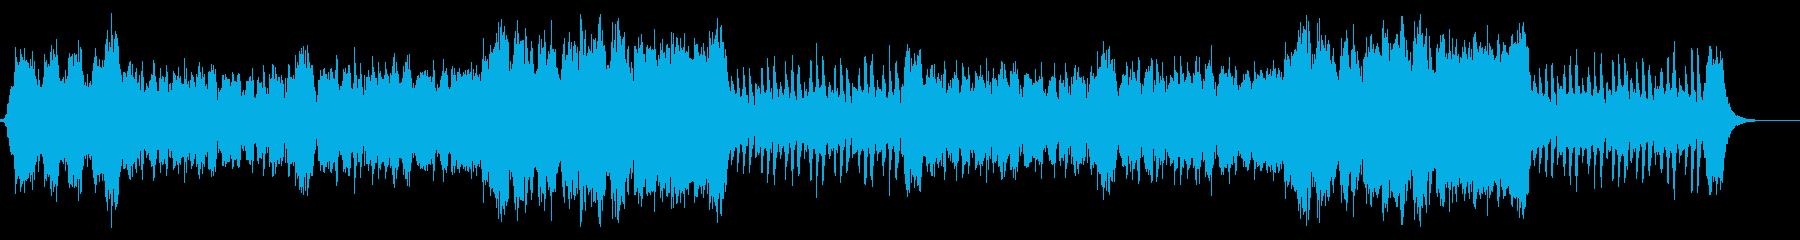 フルオーケストラ。RPGのオープニング風の再生済みの波形